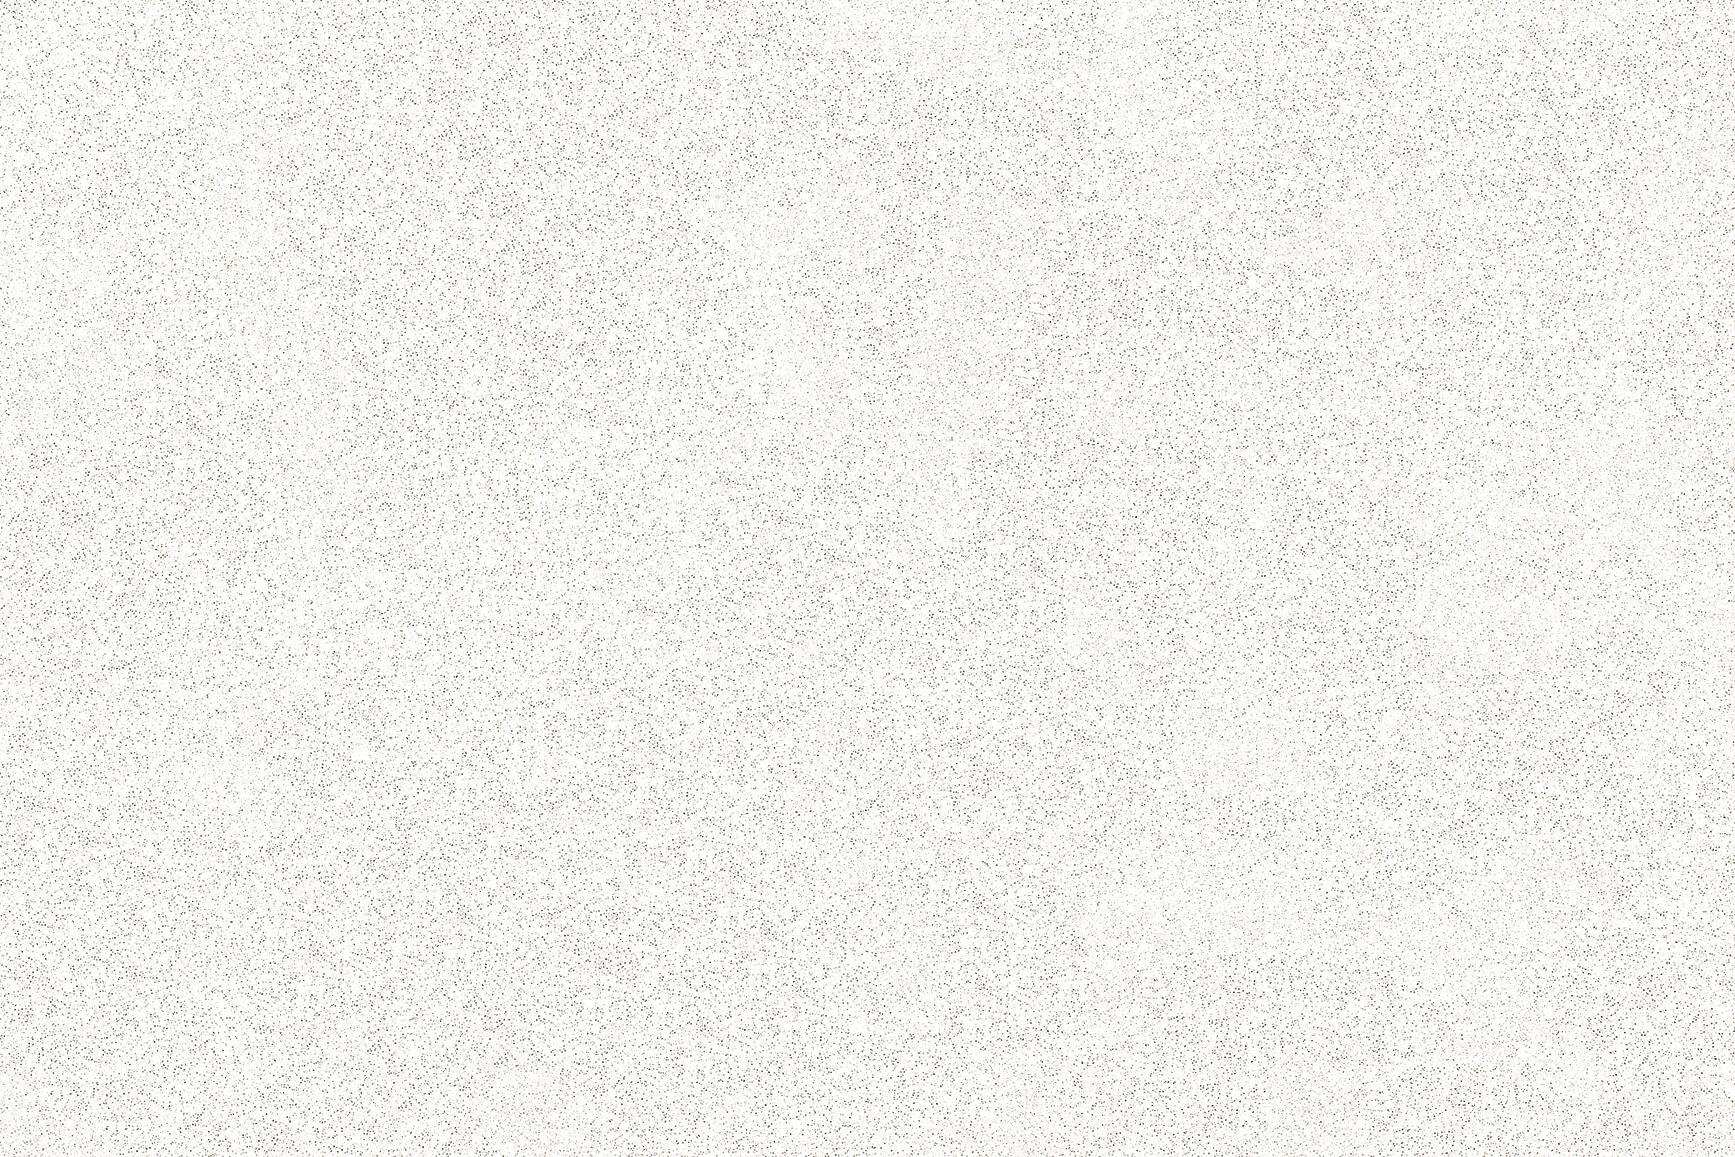 Crystal Quarz White